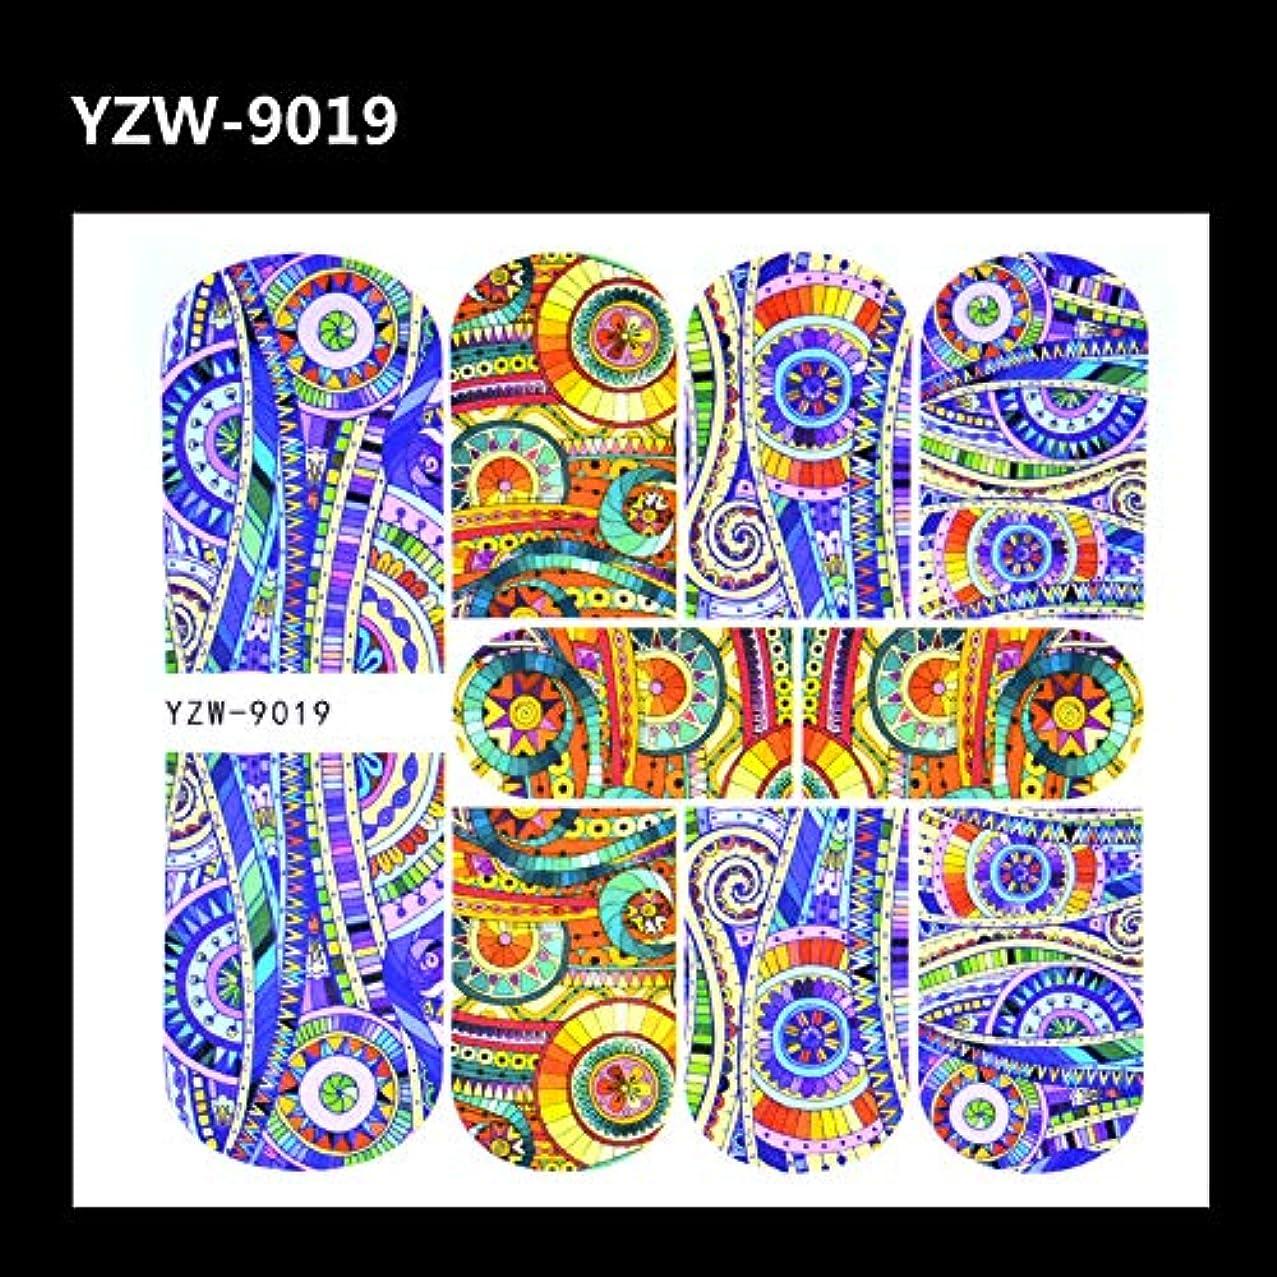 ボイドジョブデコラティブSUKTI&XIAO ネイルステッカー 1シートフルラップネイルタトゥートライバルジオパターン水転写ステッカーデカール用ネイルアートタトゥーdiyマニキュアツール